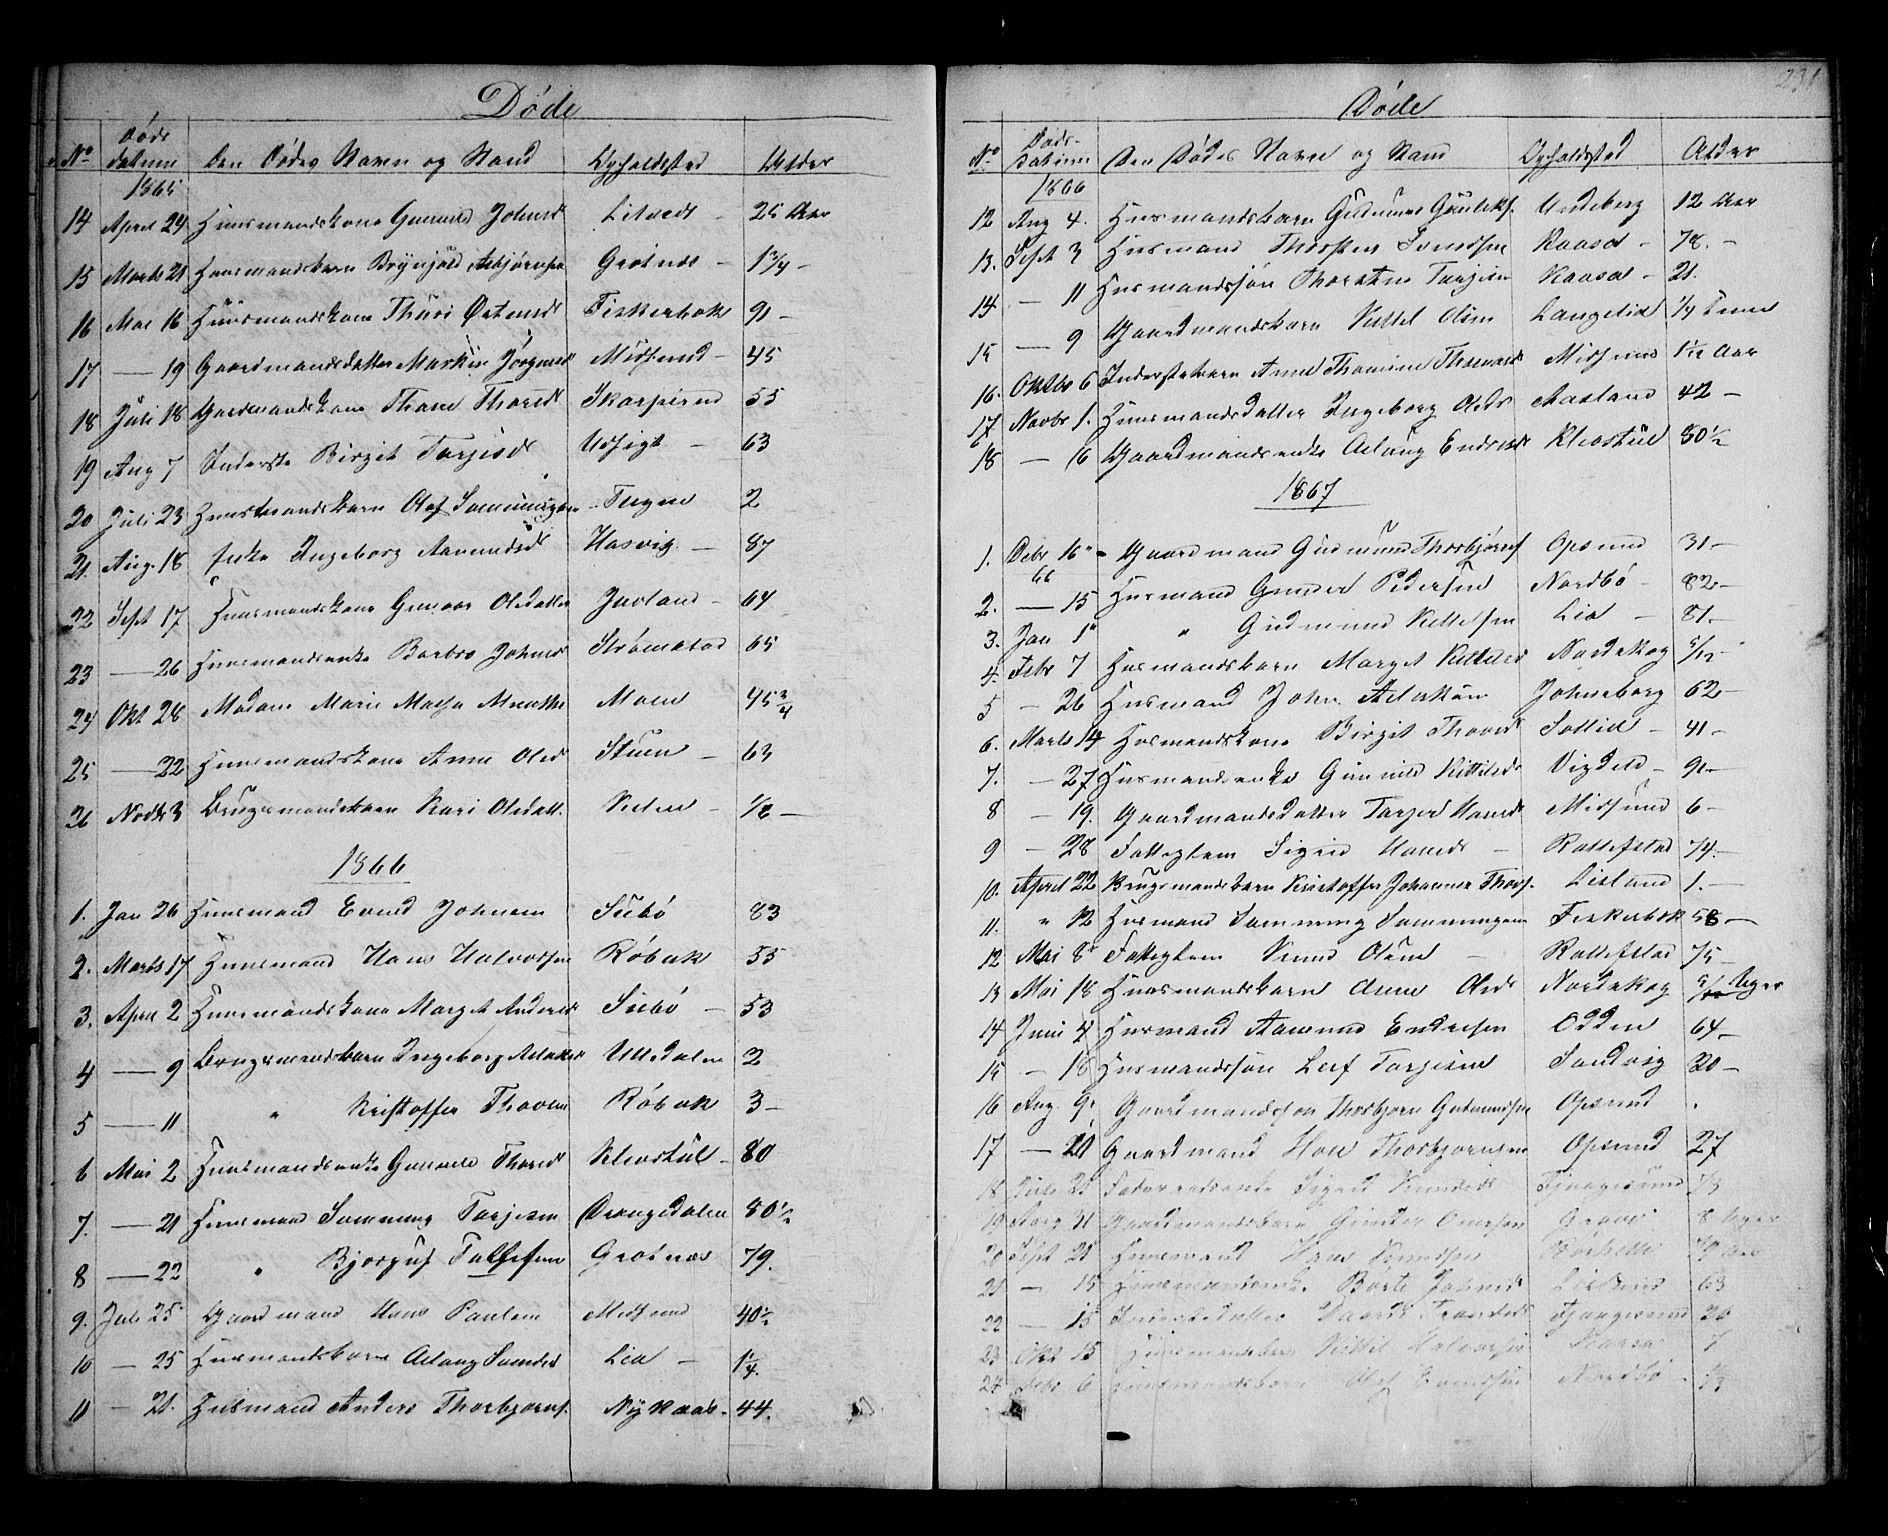 SAKO, Kviteseid kirkebøker, G/Ga/L0001: Klokkerbok nr. I 1, 1850-1893, s. 231